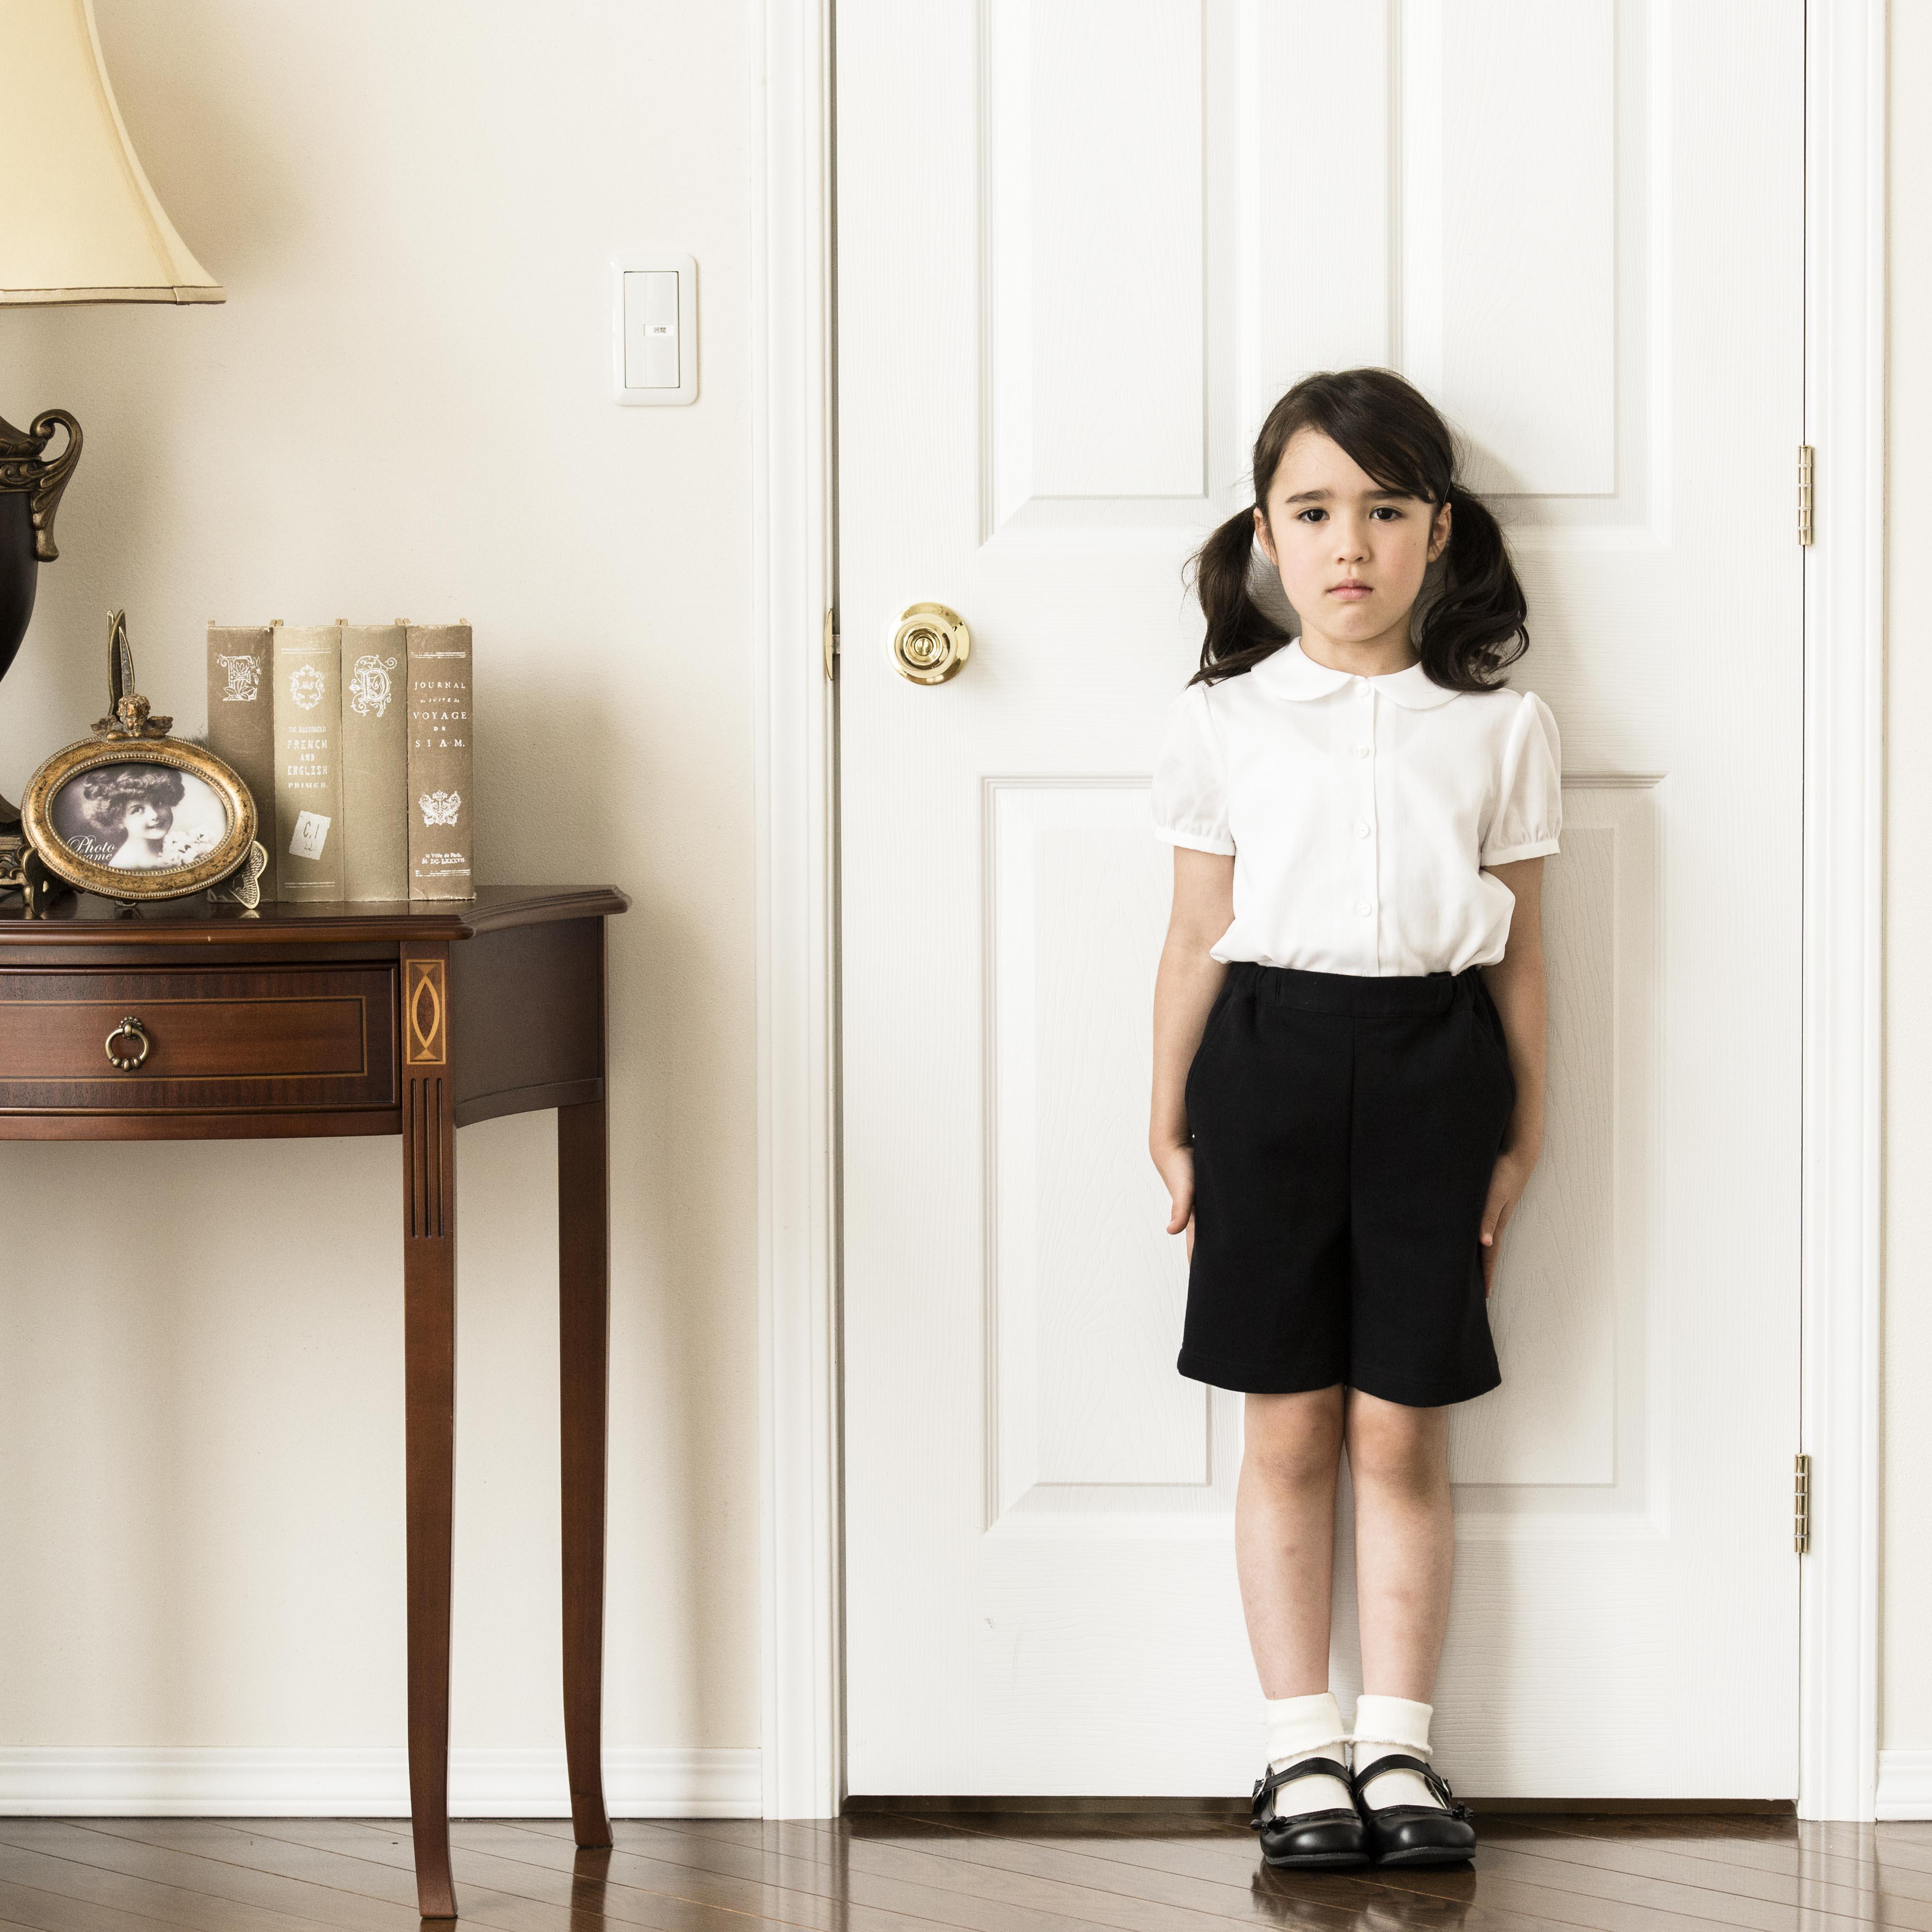 f0fe08e715ca4 2019年春に入学のお子さまをお持ちのご家庭では、お受験をするならすでにリサーチ&準備の時期に差しかかっていますね。ここでは小学校のお受験を考えていらっしゃるご  ...